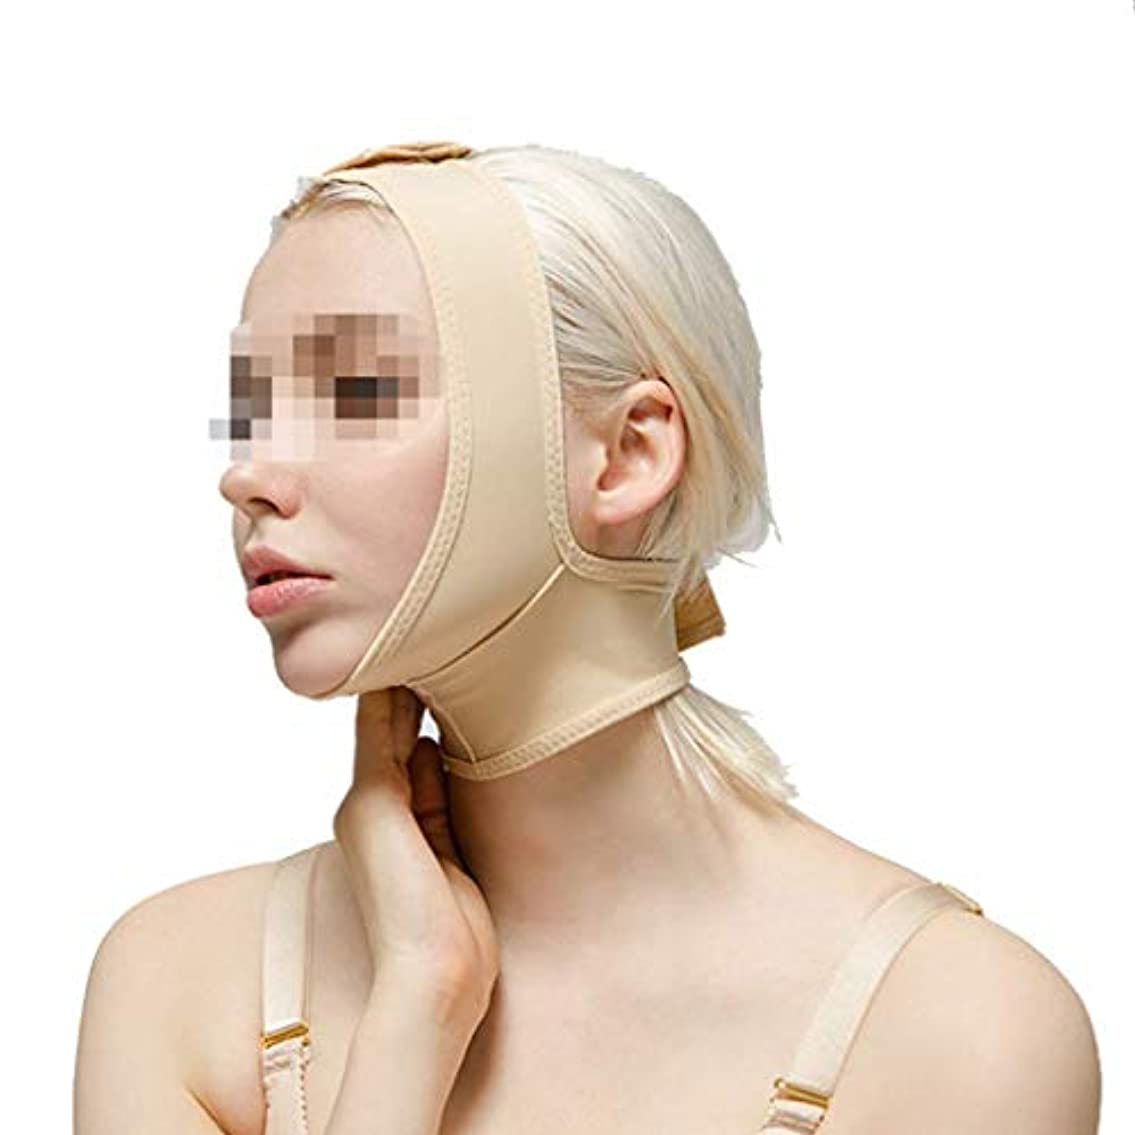 しなやかな出演者ストリーム術後伸縮性スリーブ、下顎束フェイスバンデージフェイシャルビームダブルチンシンフェイスマスクマルチサイズオプション(サイズ:L),XL